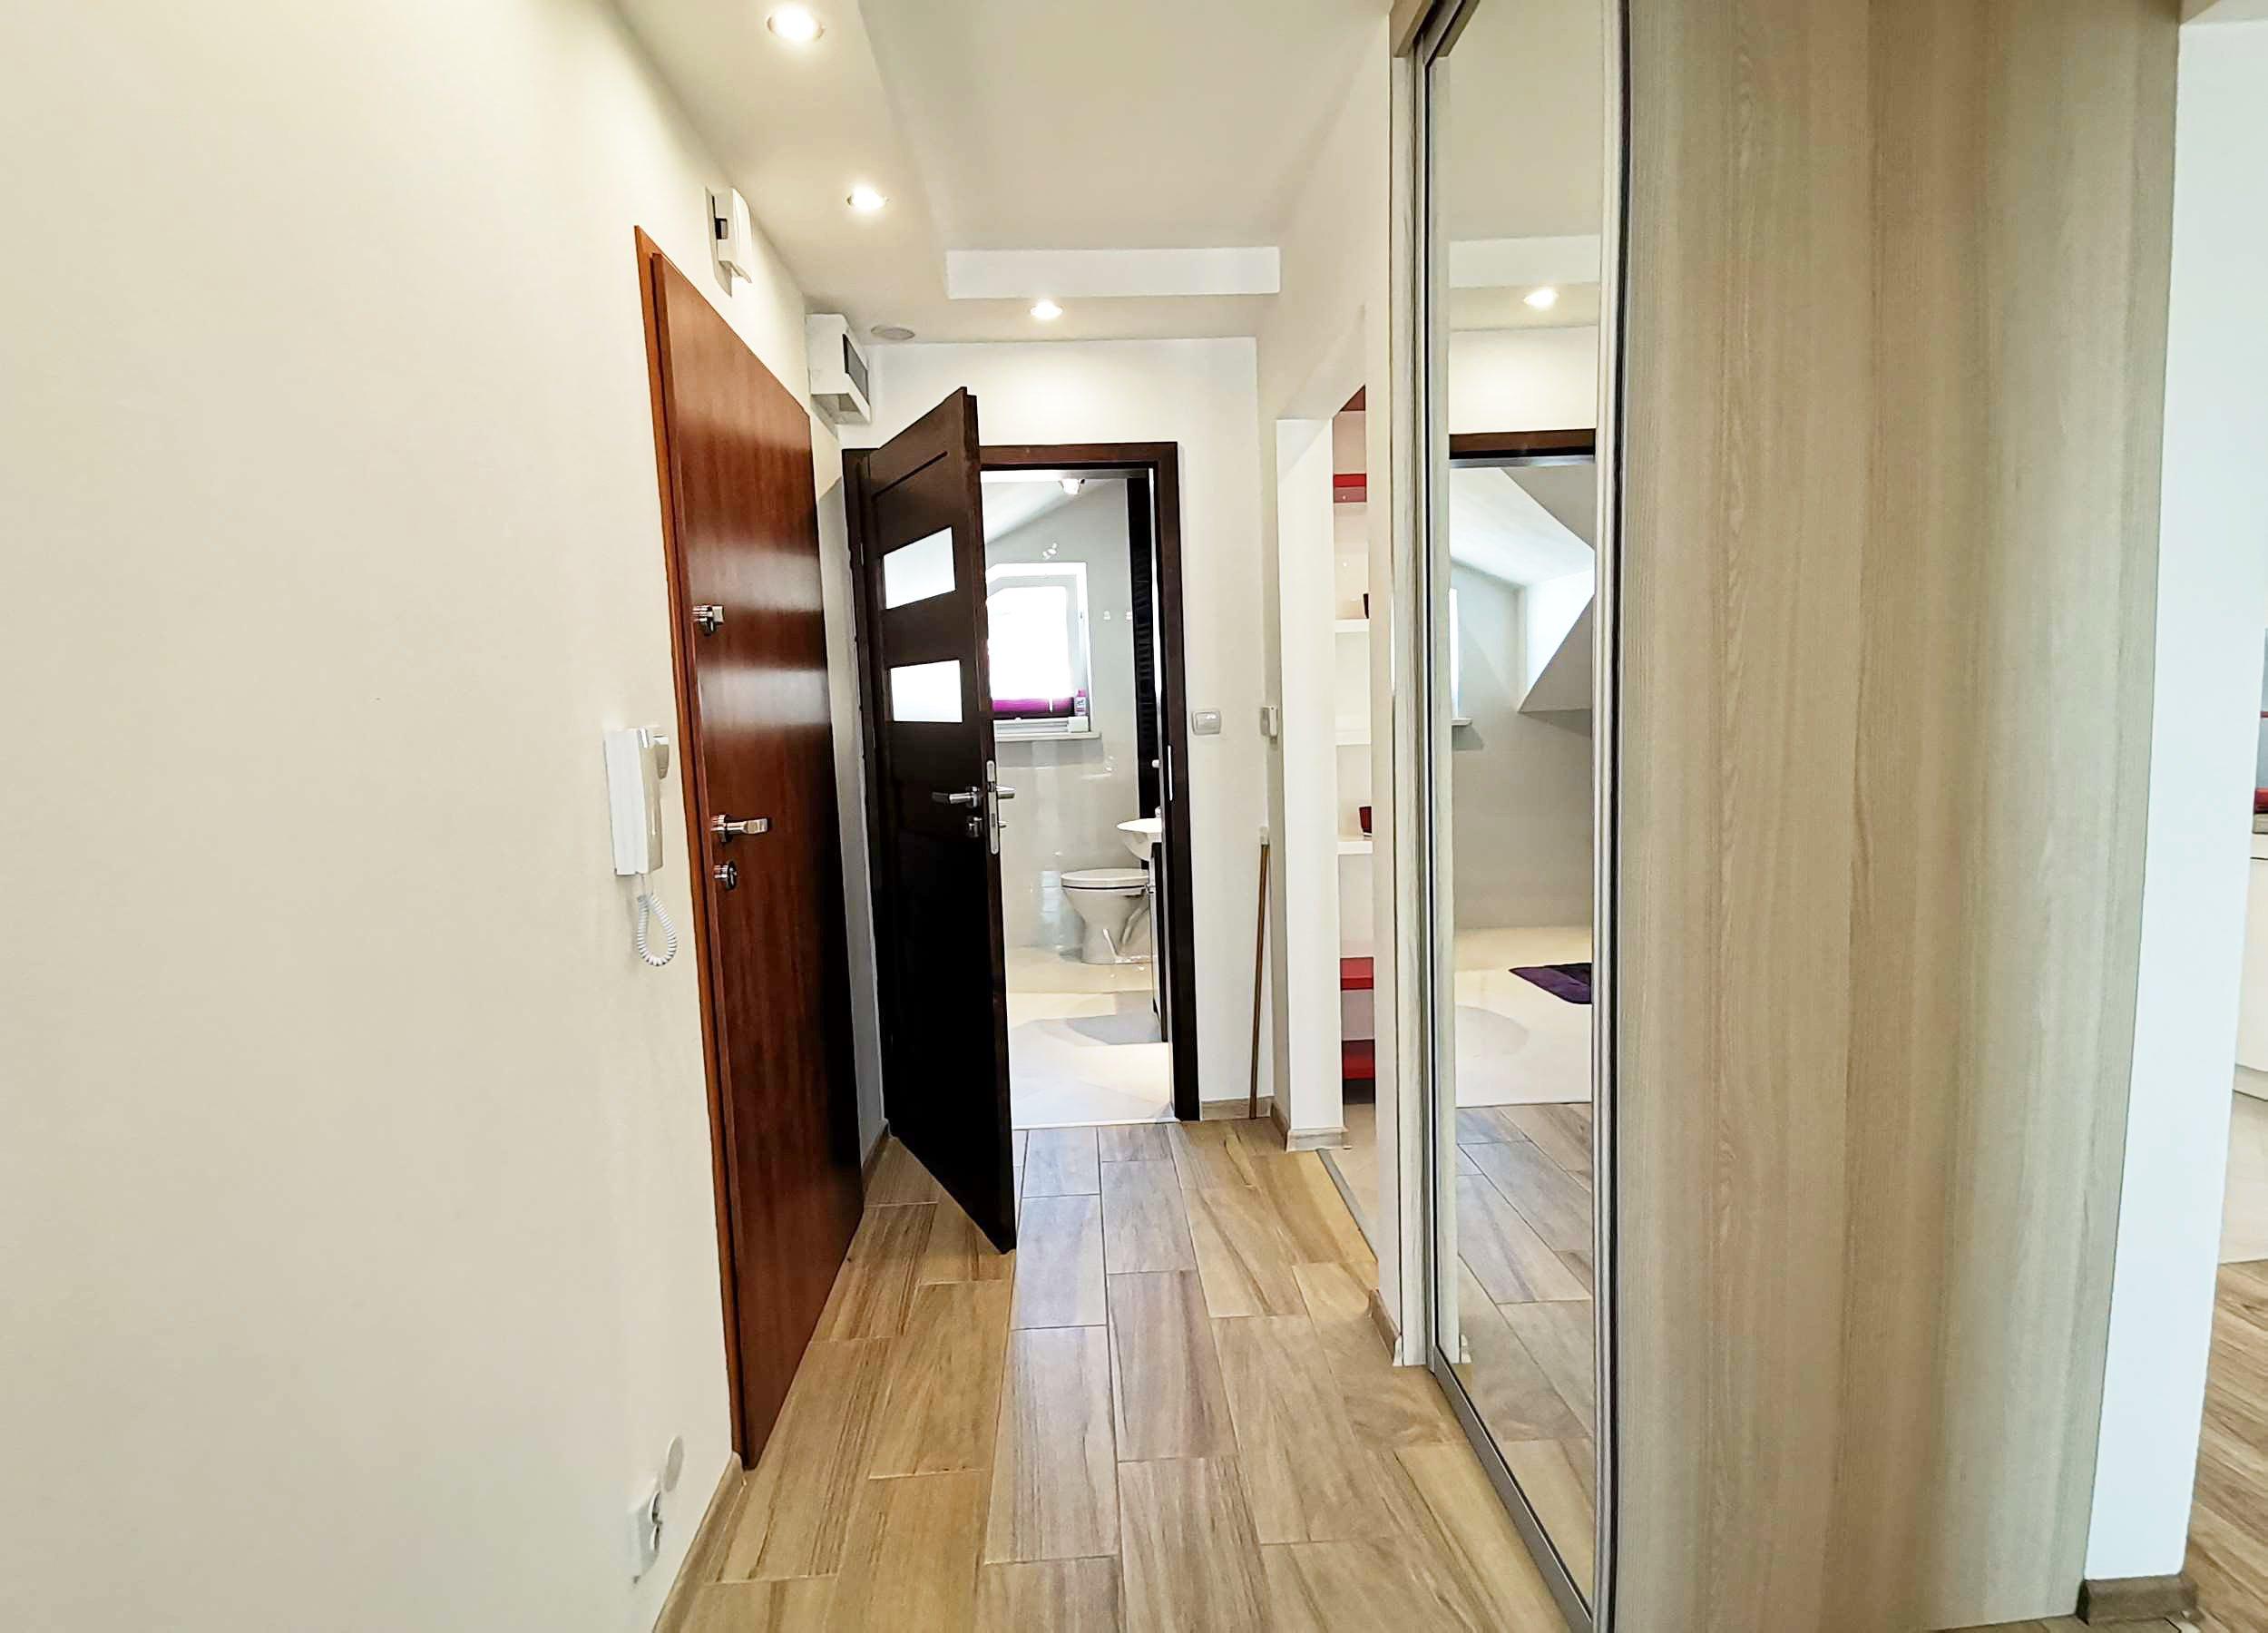 mieszkanie zamosc wynajem lwowska - mieszkanie do wynajęcia - Krzysztof Górski Nieruchomości Zamość